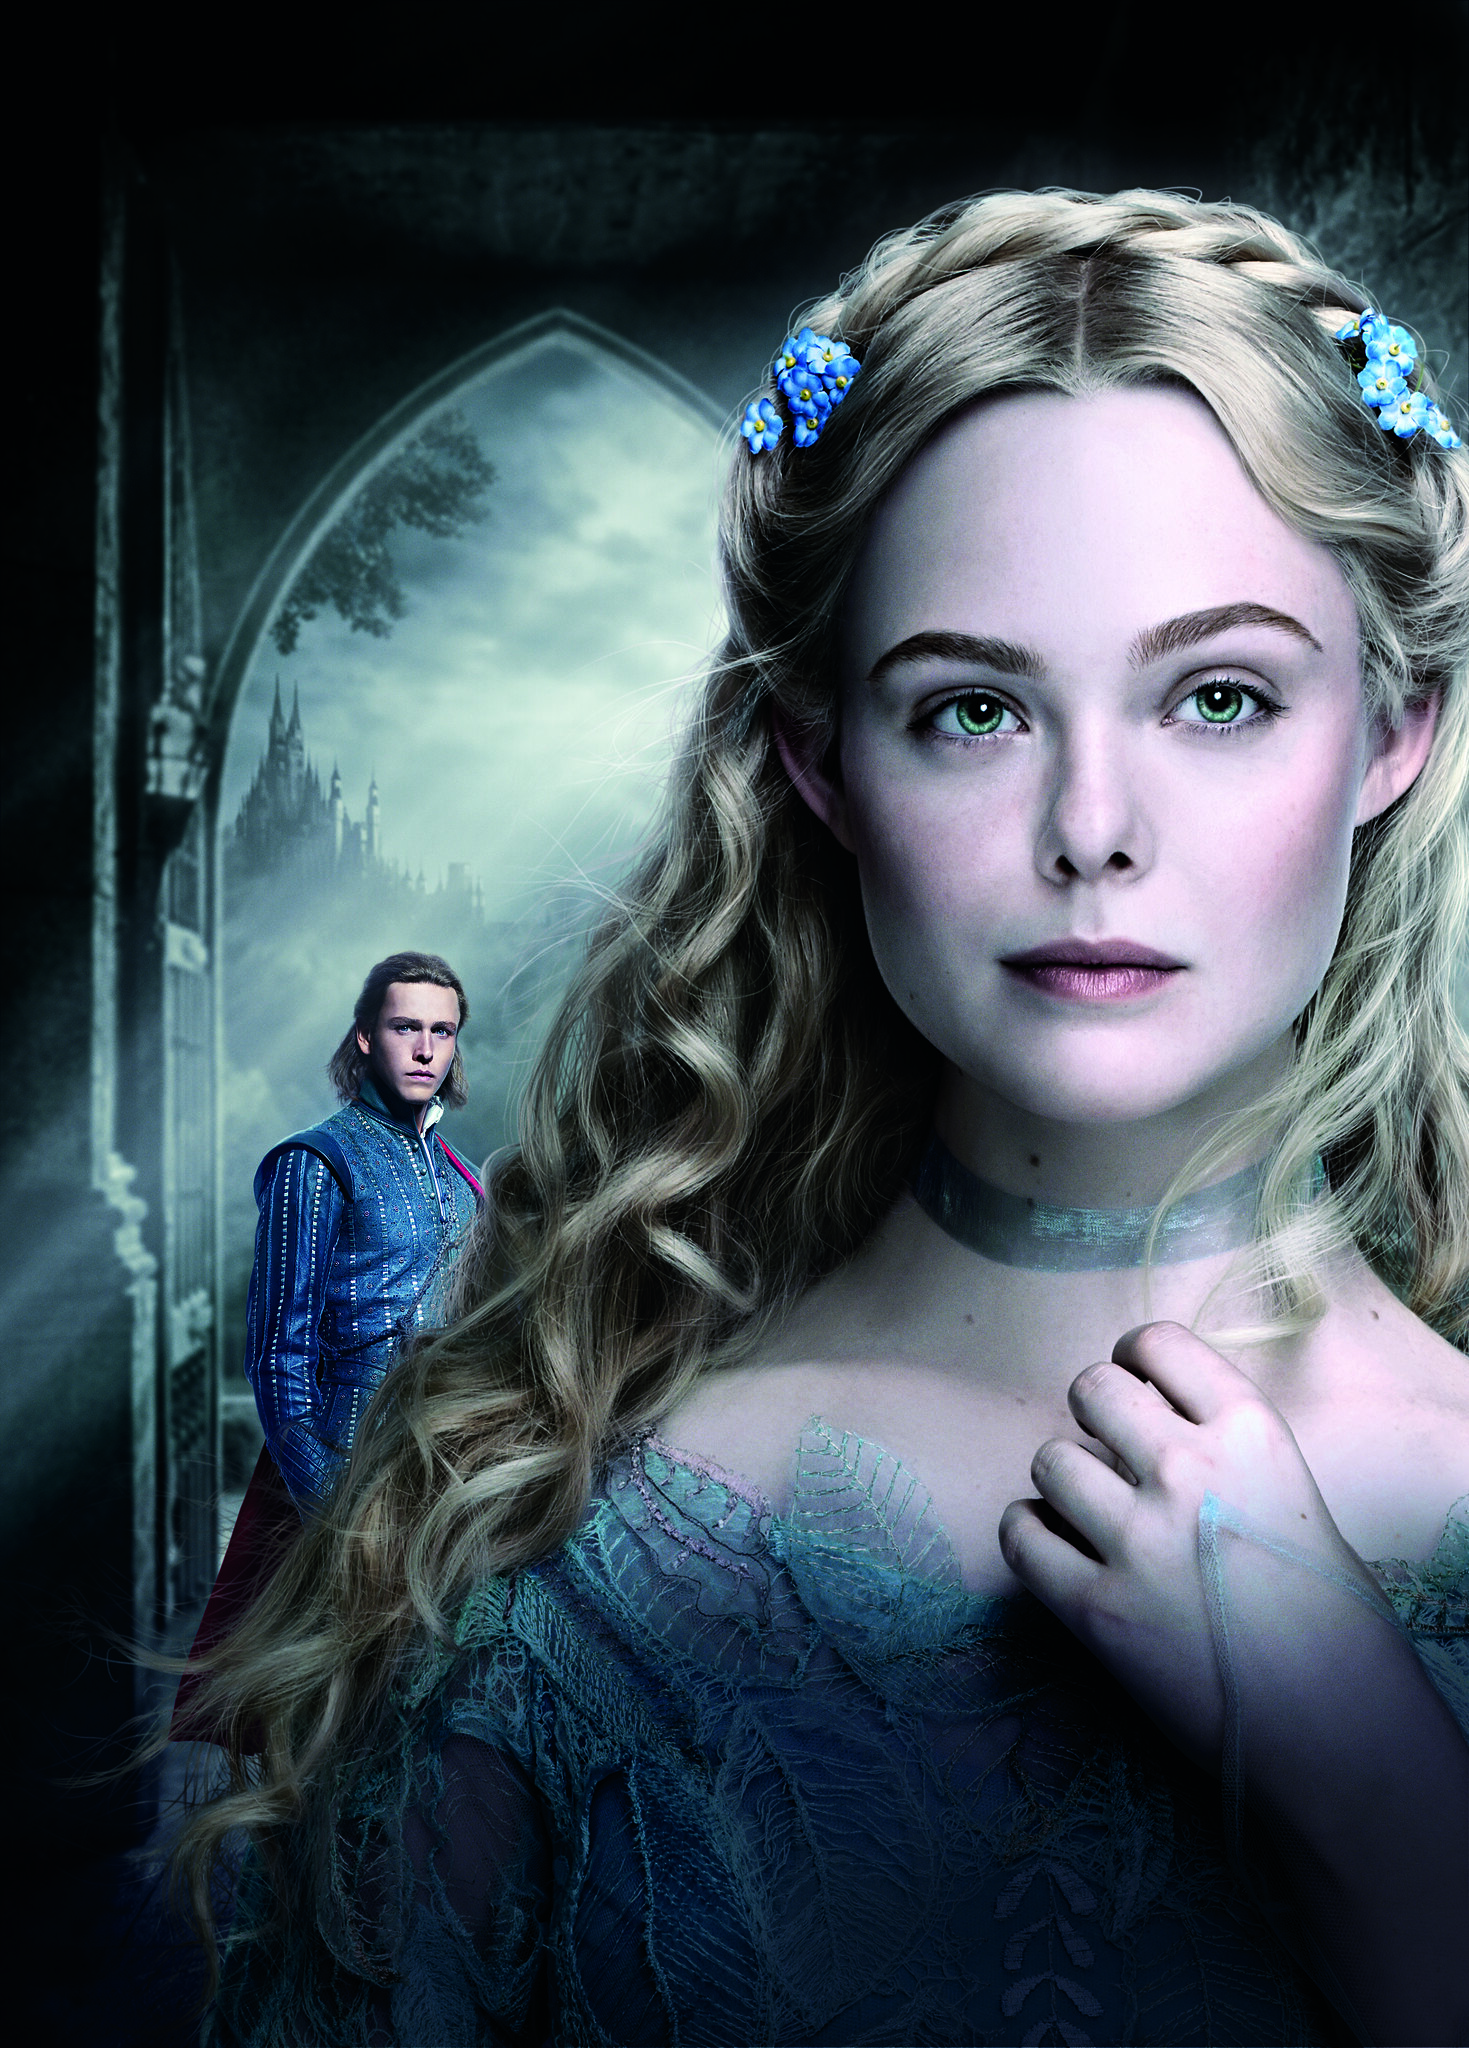 Maleficent 2019 Aurora Textless Poster 2 By Bonmerenwen